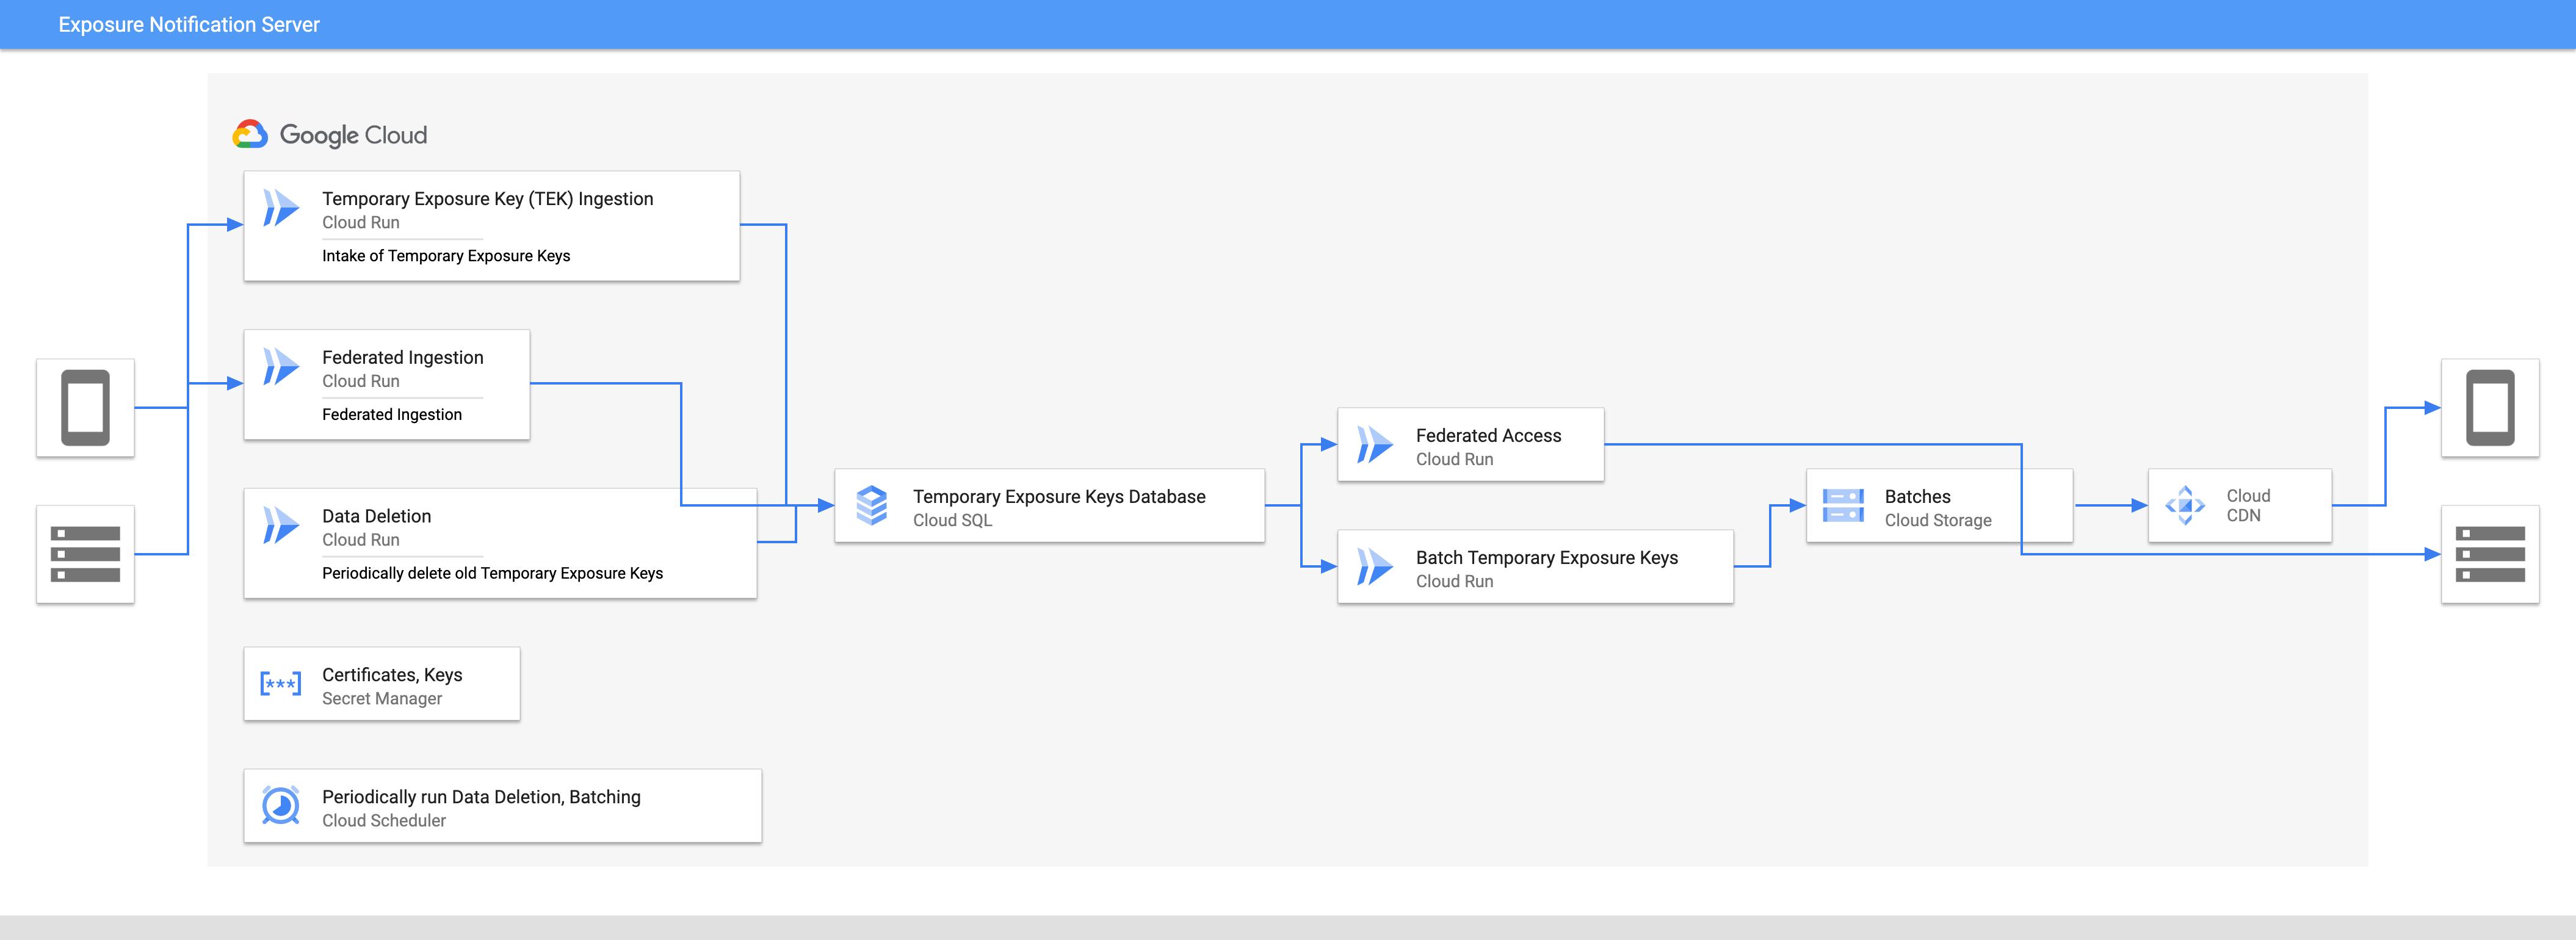 Exposure Notification Server Diagram